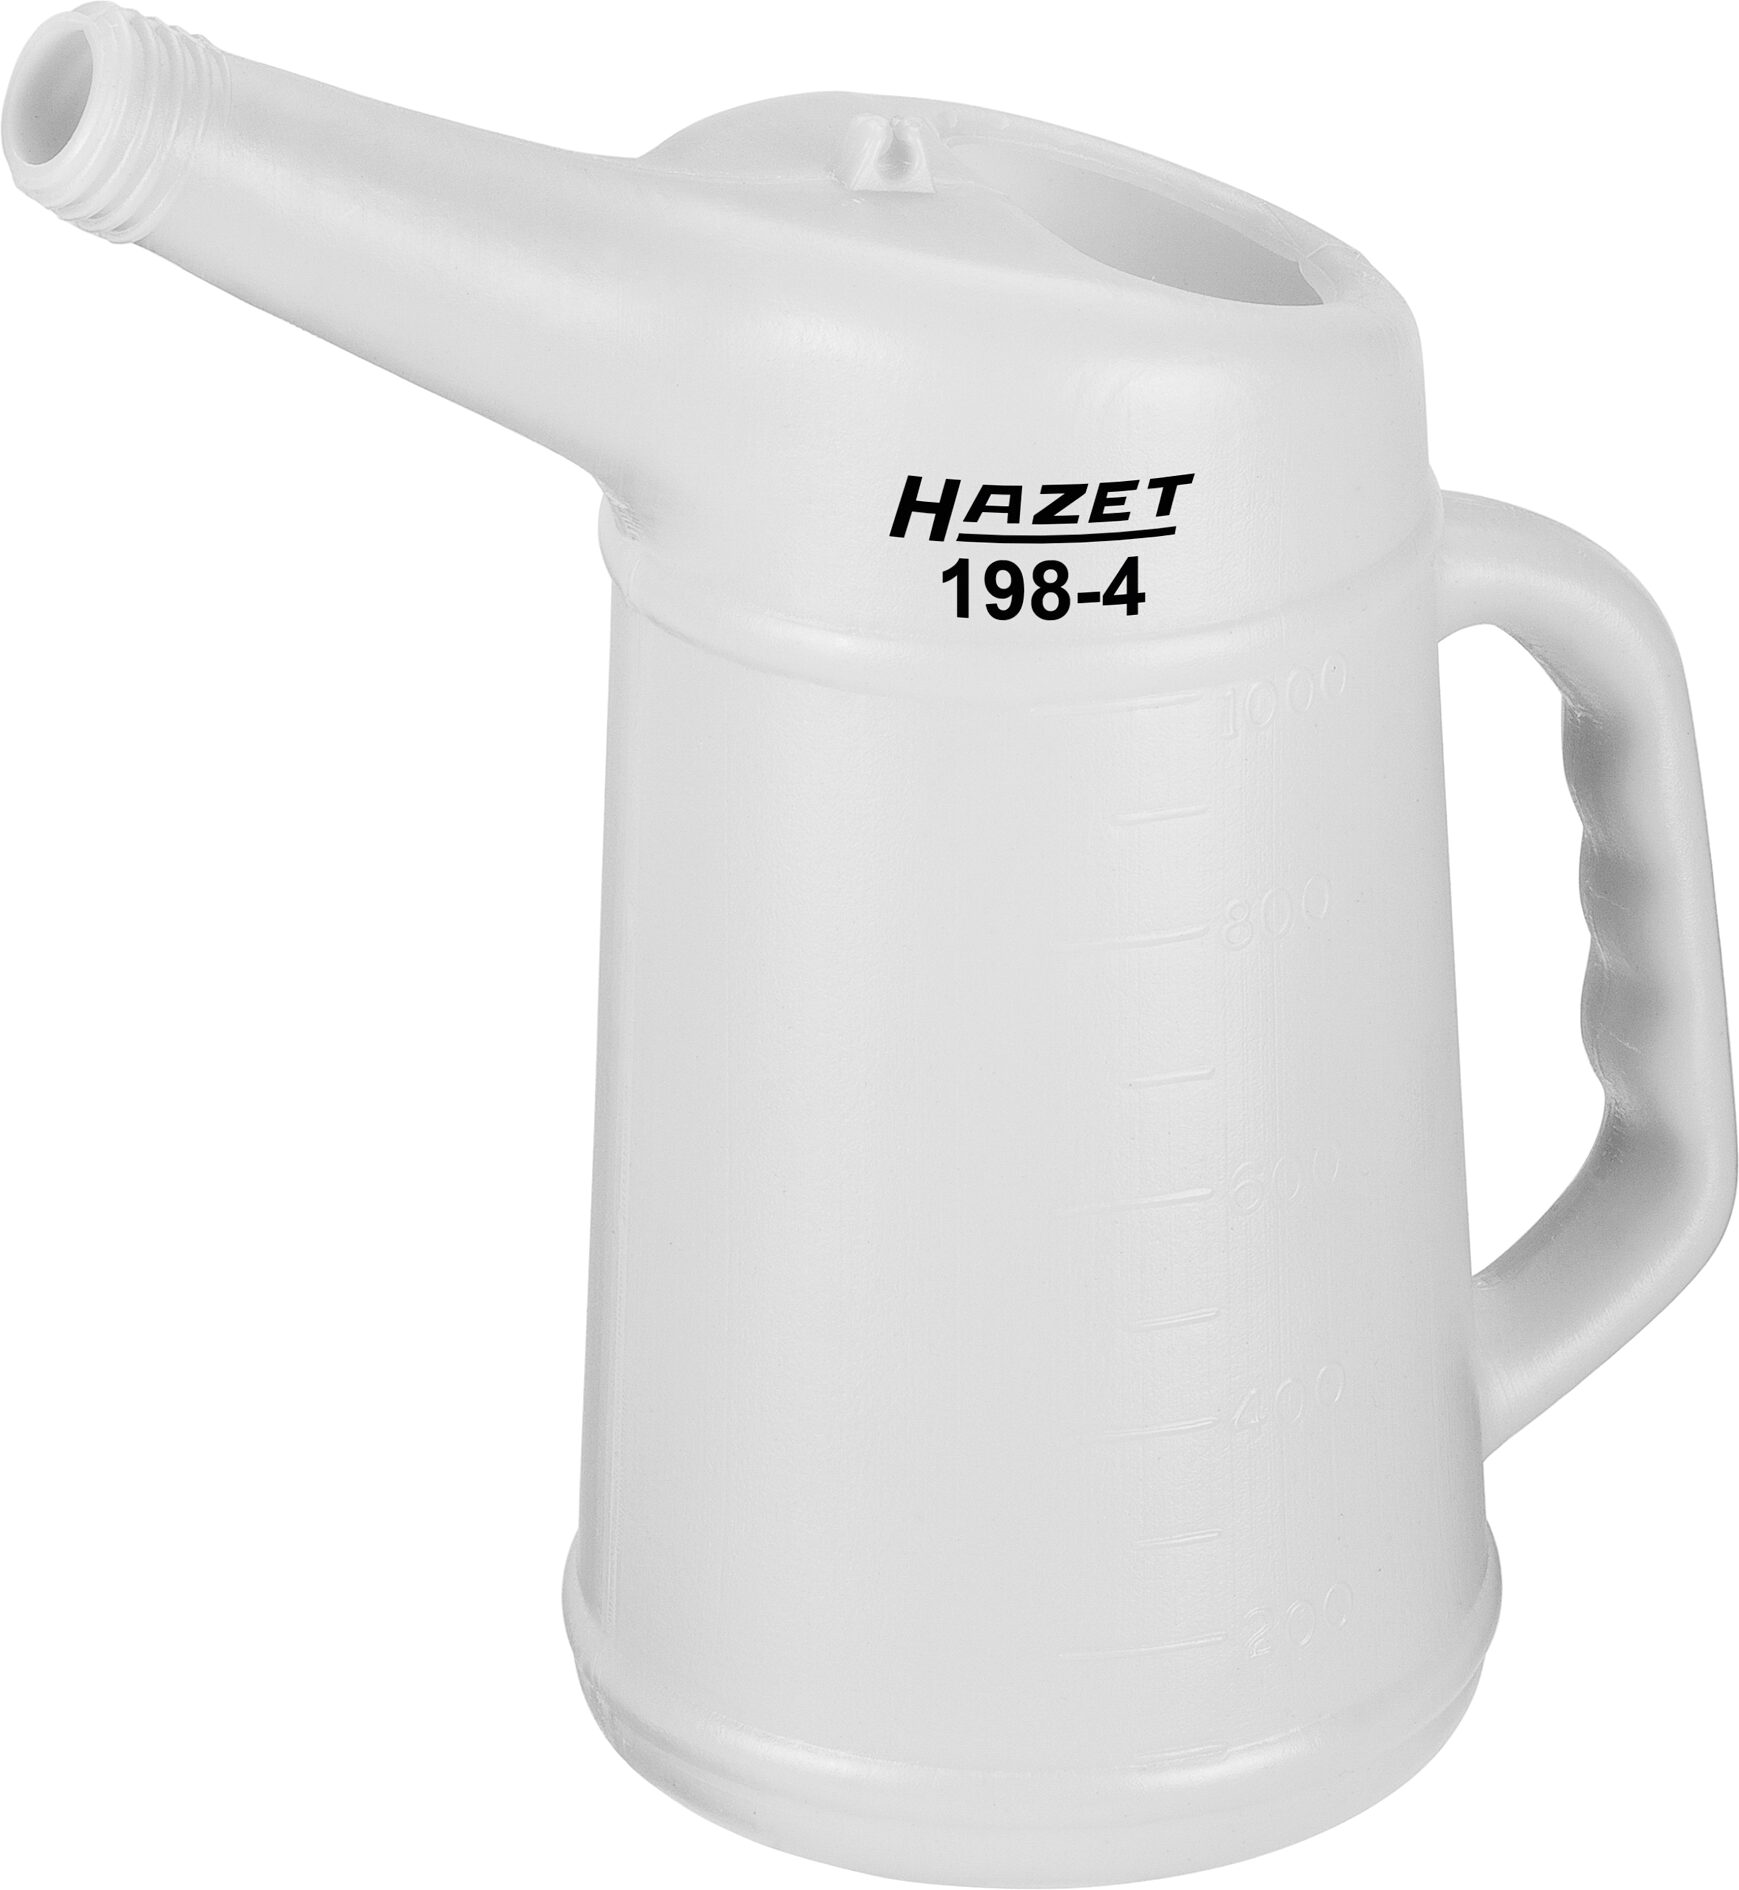 HAZET Mess-Becher 198-4